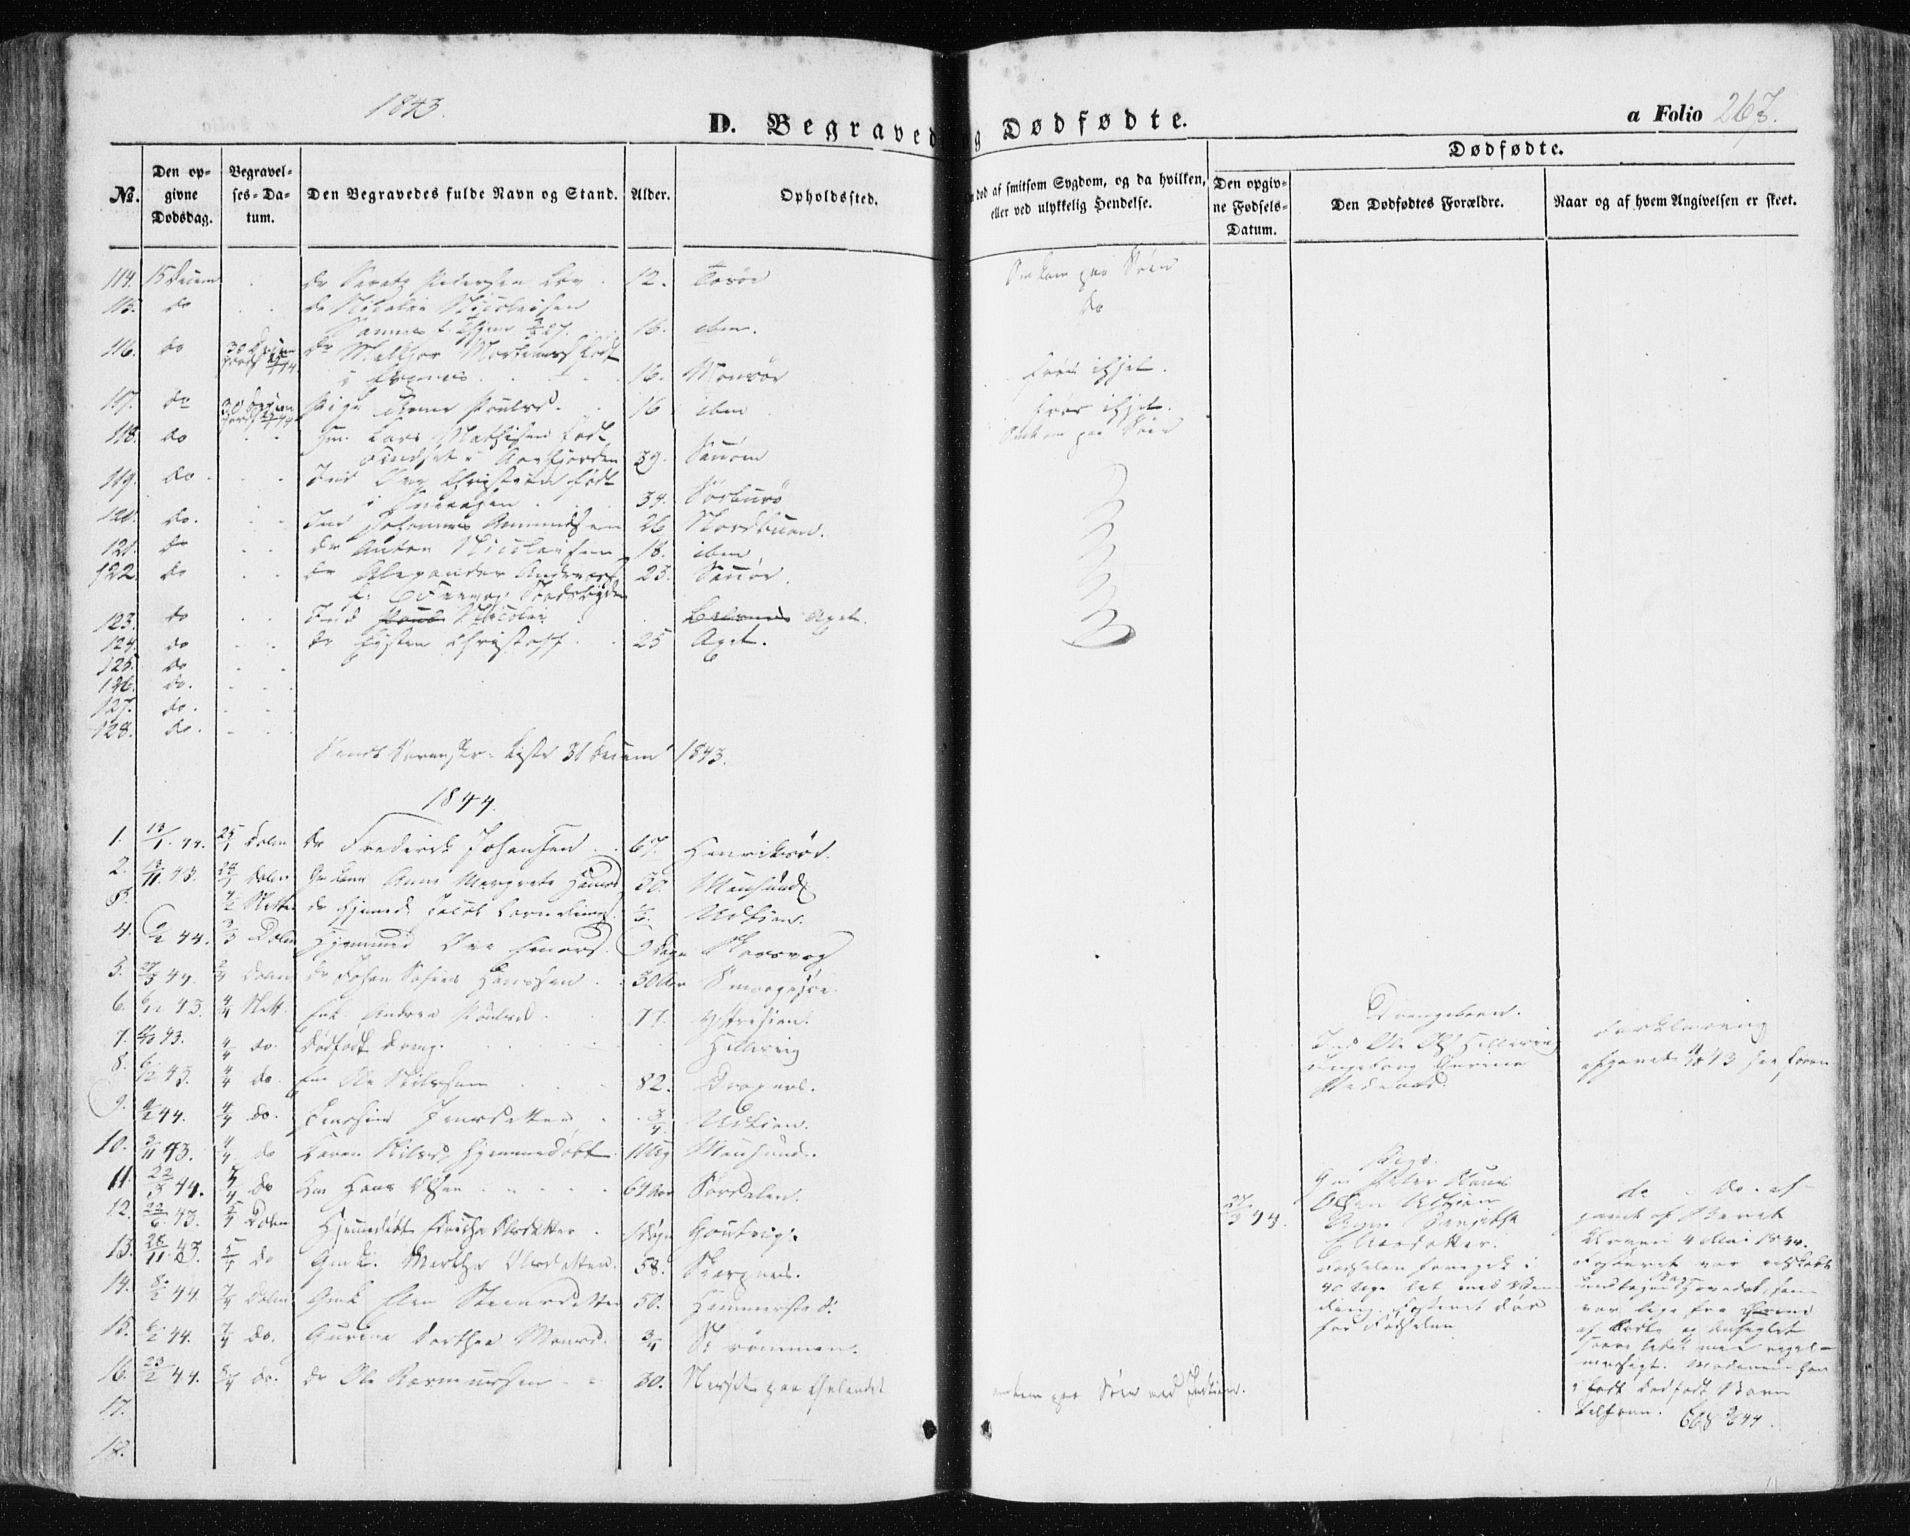 SAT, Ministerialprotokoller, klokkerbøker og fødselsregistre - Sør-Trøndelag, 634/L0529: Ministerialbok nr. 634A05, 1843-1851, s. 267